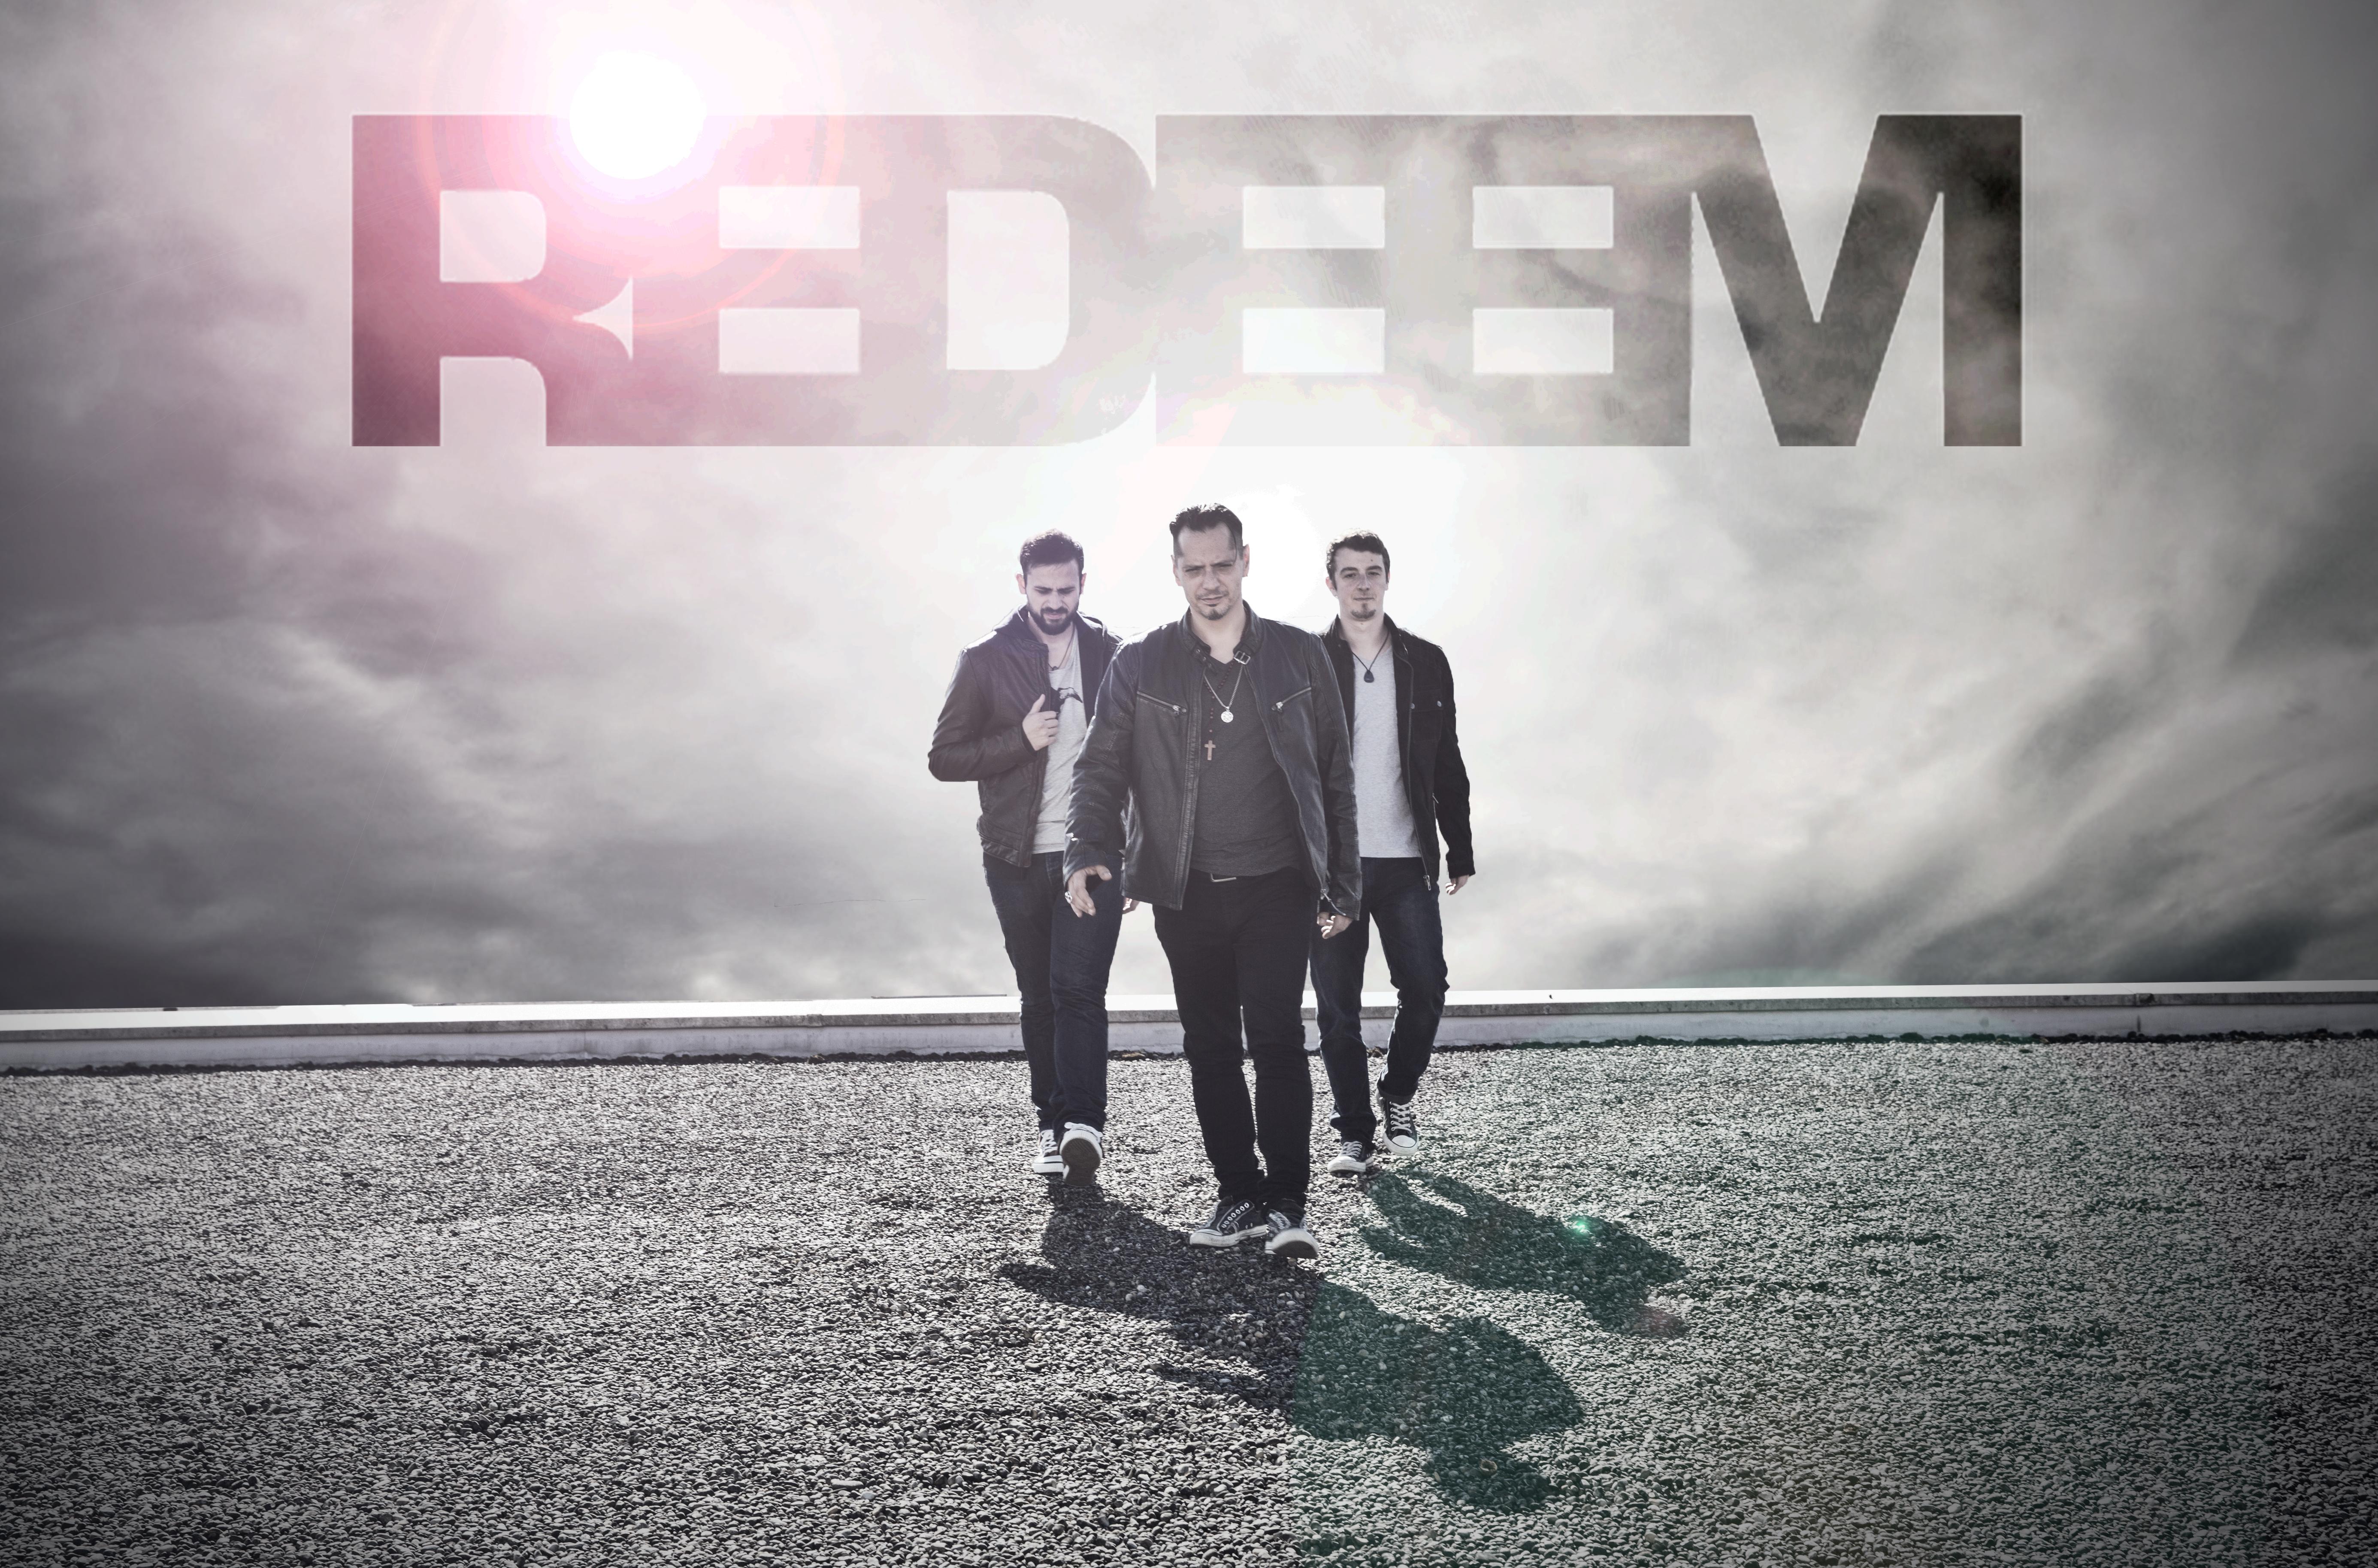 Redeem03